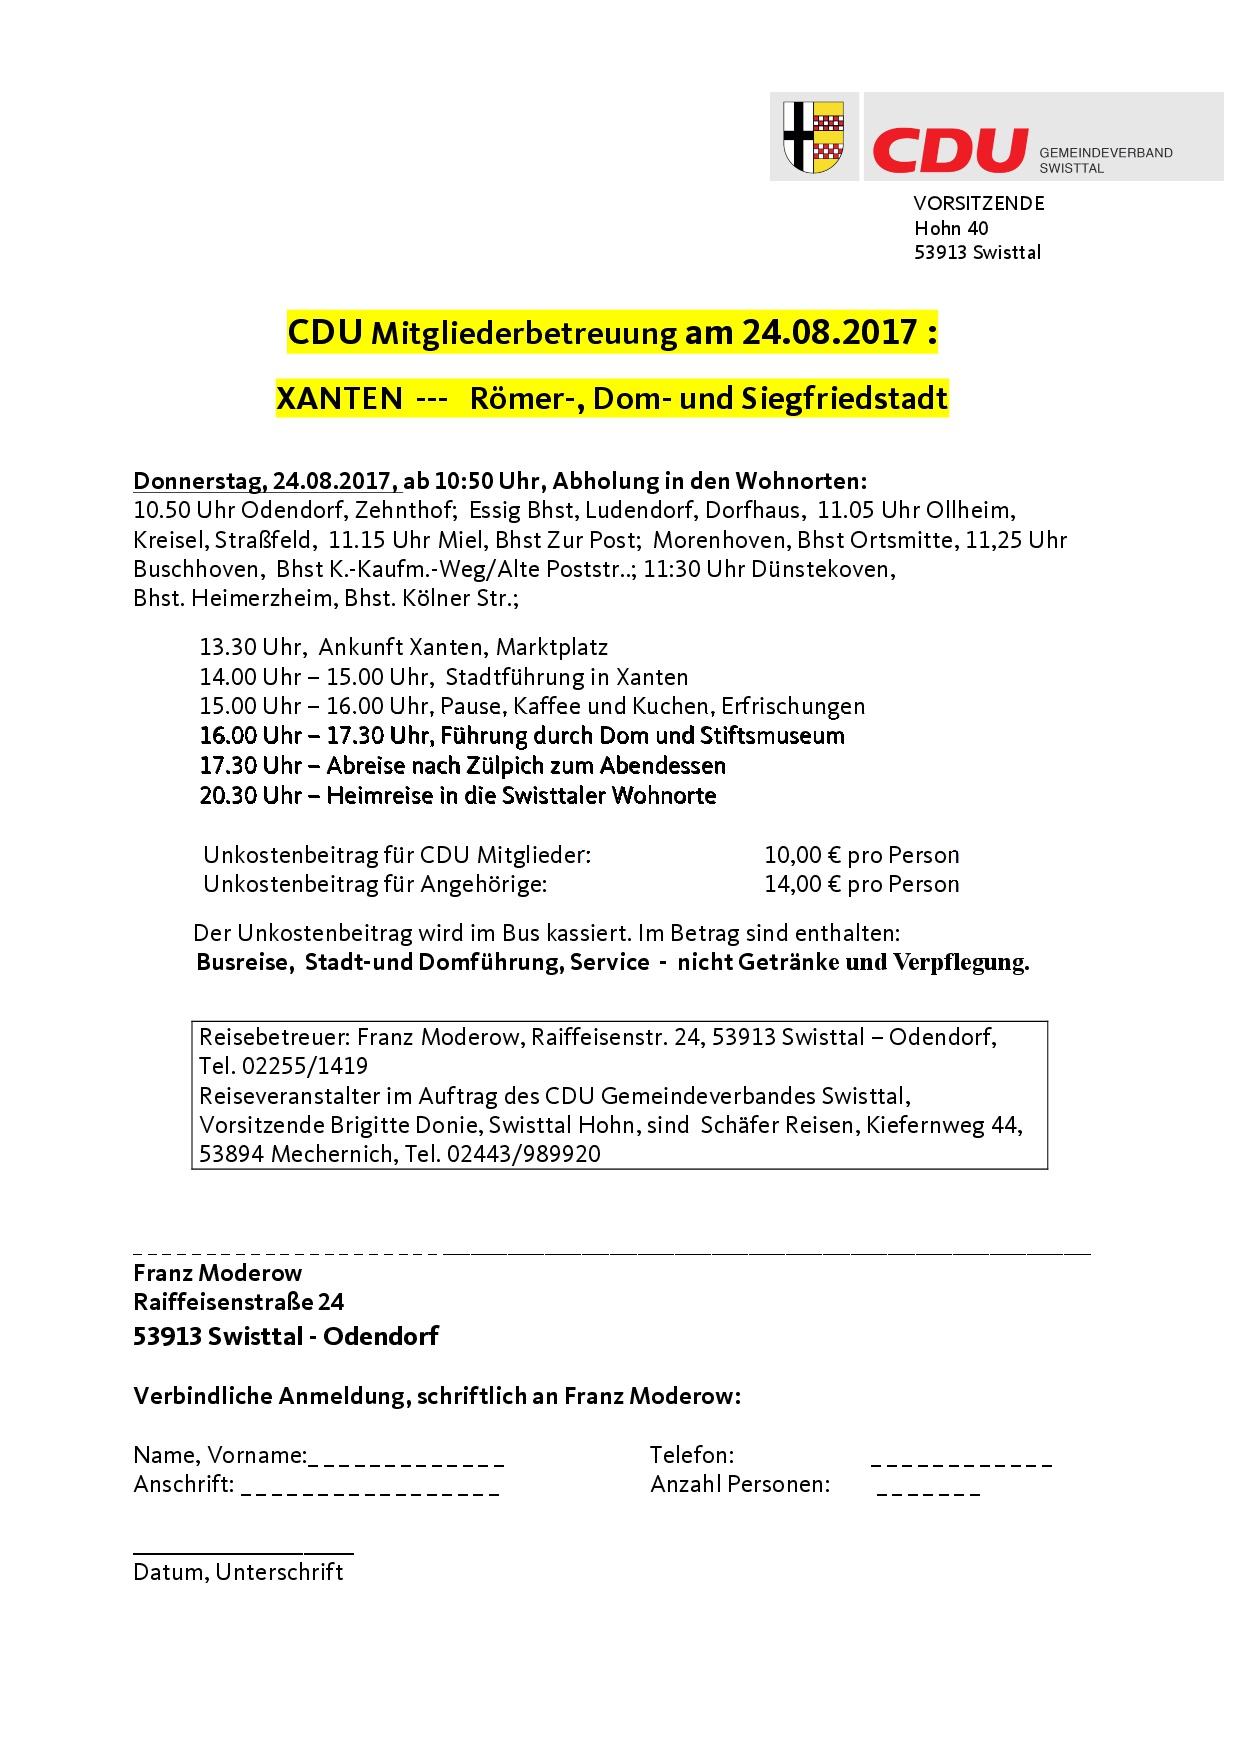 CDU-Reise nach Xanten